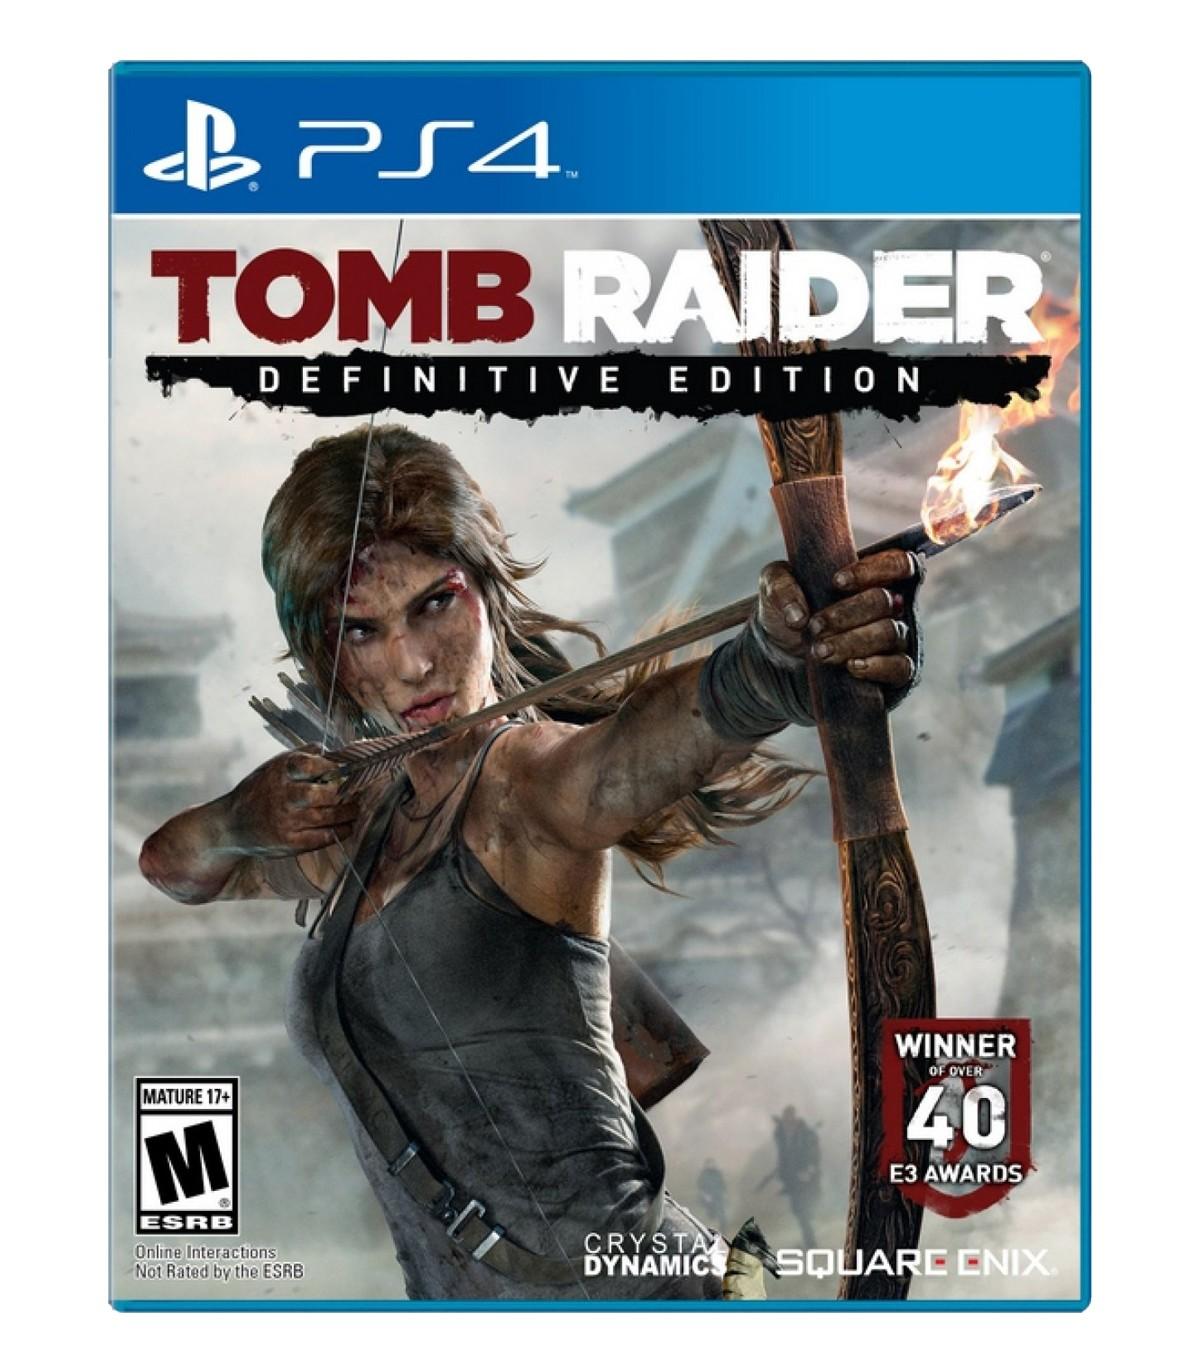 بازی Tomb Raider Definitive Edition کارکرده - پلی استیشن 4